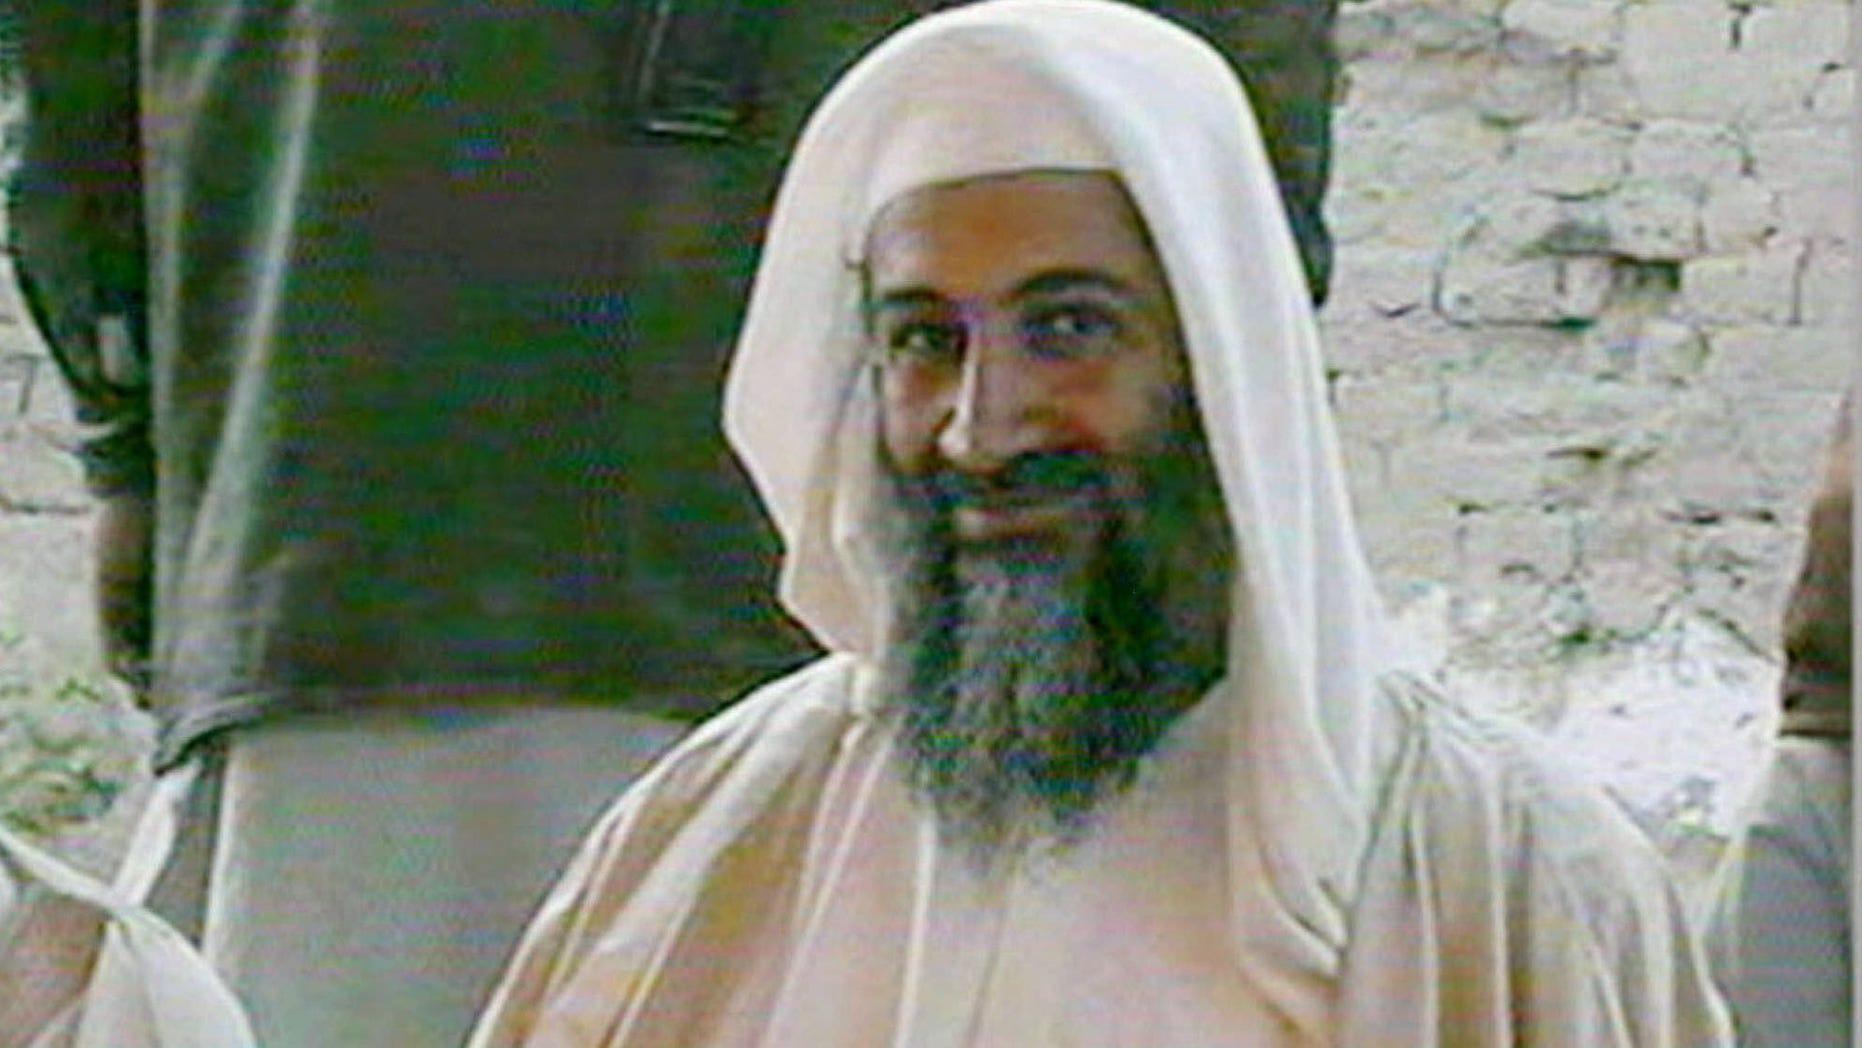 En esta imagen de archivo transmitida por la cadena de televisión qatarí Al Yazira, muestra a Osama bin Laden, supuestamente en la boda de su hijo en enero de 2001. Una persona al tanto de los acontecimientos dijo el domingo 1 de mayo de 2011 que bin Laden está muerto y Estados Unidos tiene su cuerpo.  (AP foto/Al-Jazeera/APTN, archivo)